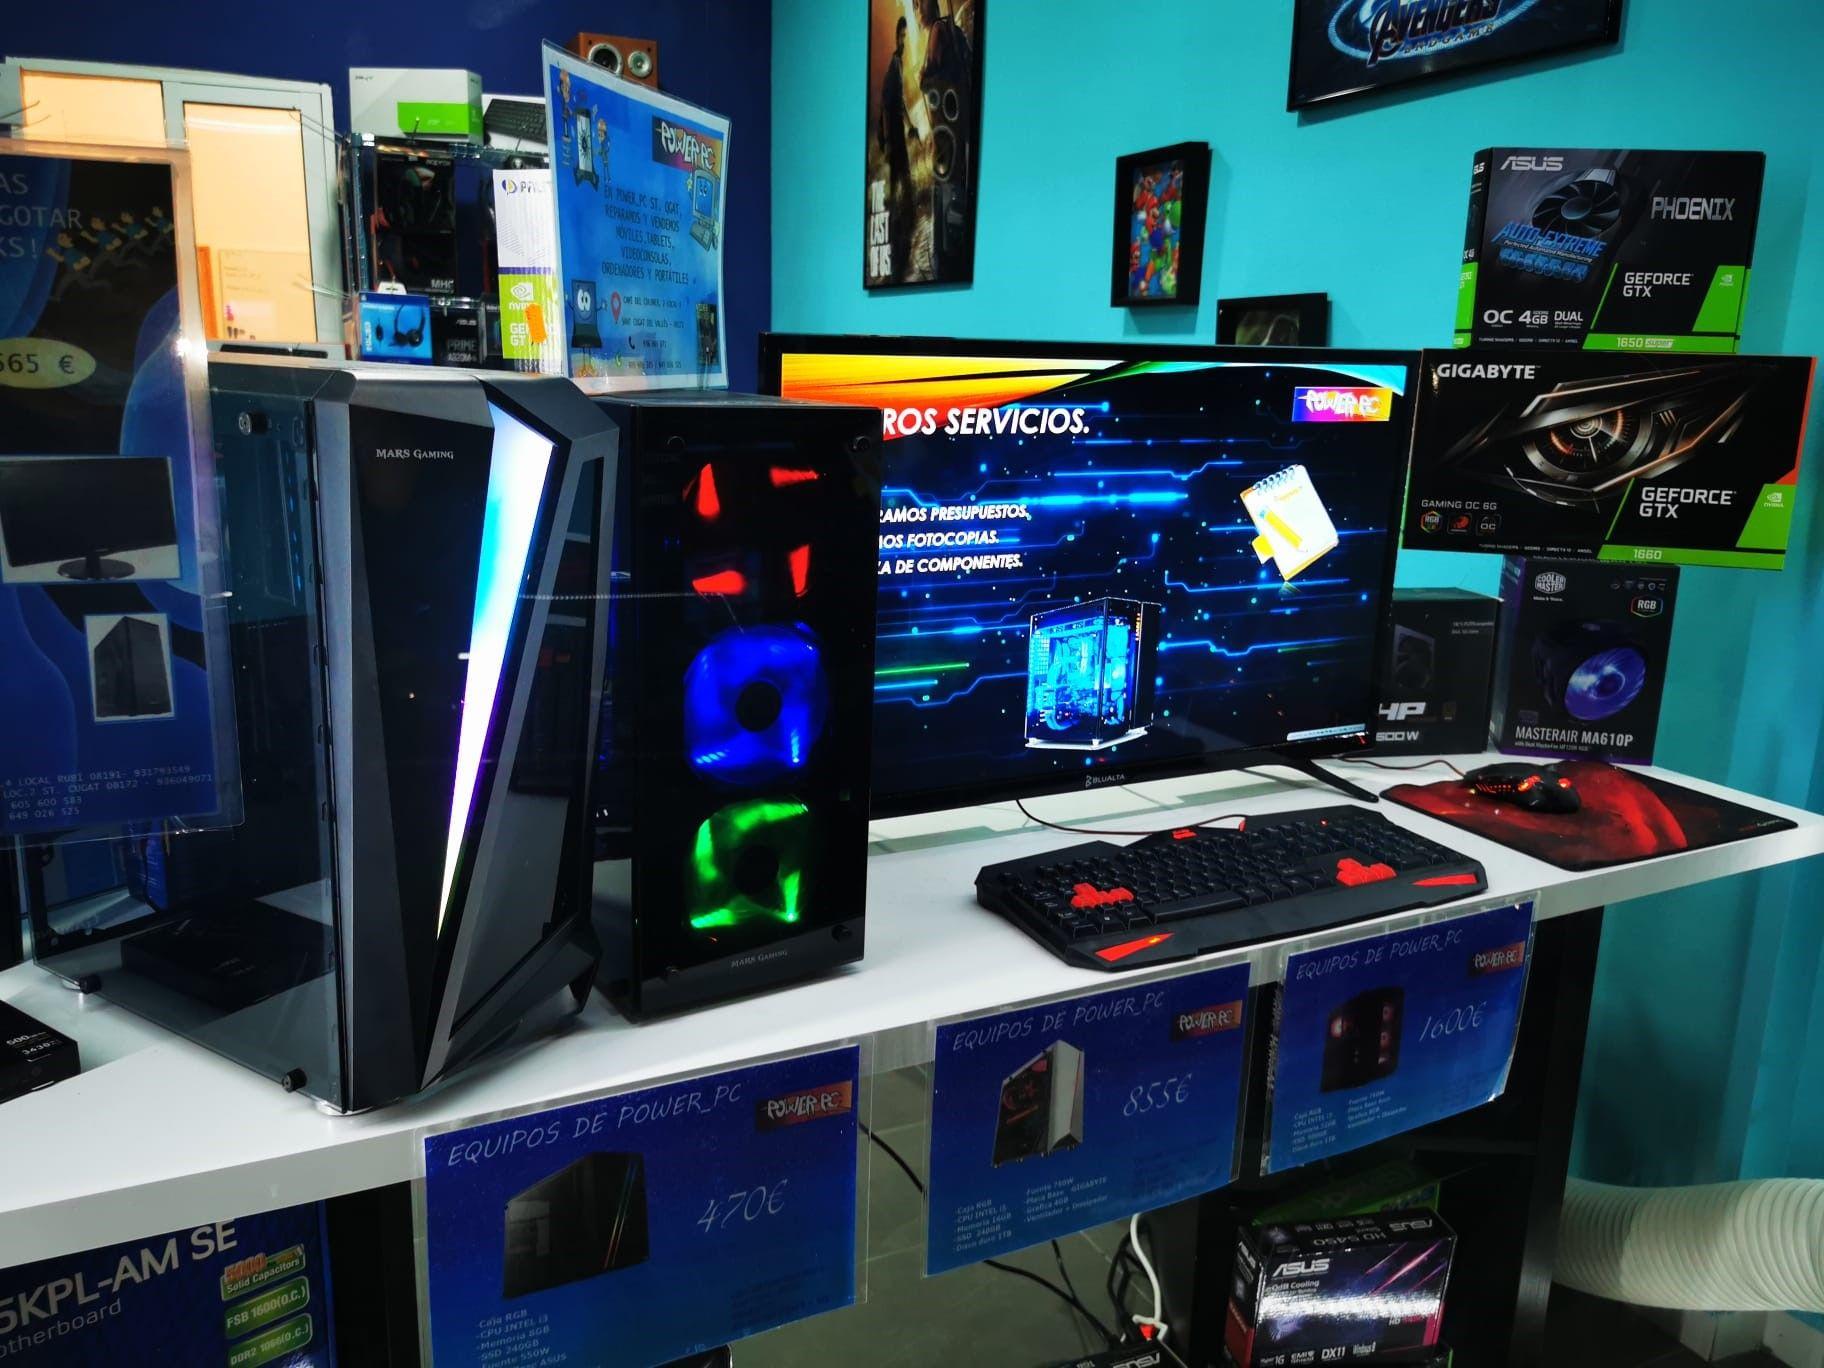 Equips informàtics de qualitat a POWER PC. FOTO: Cedida